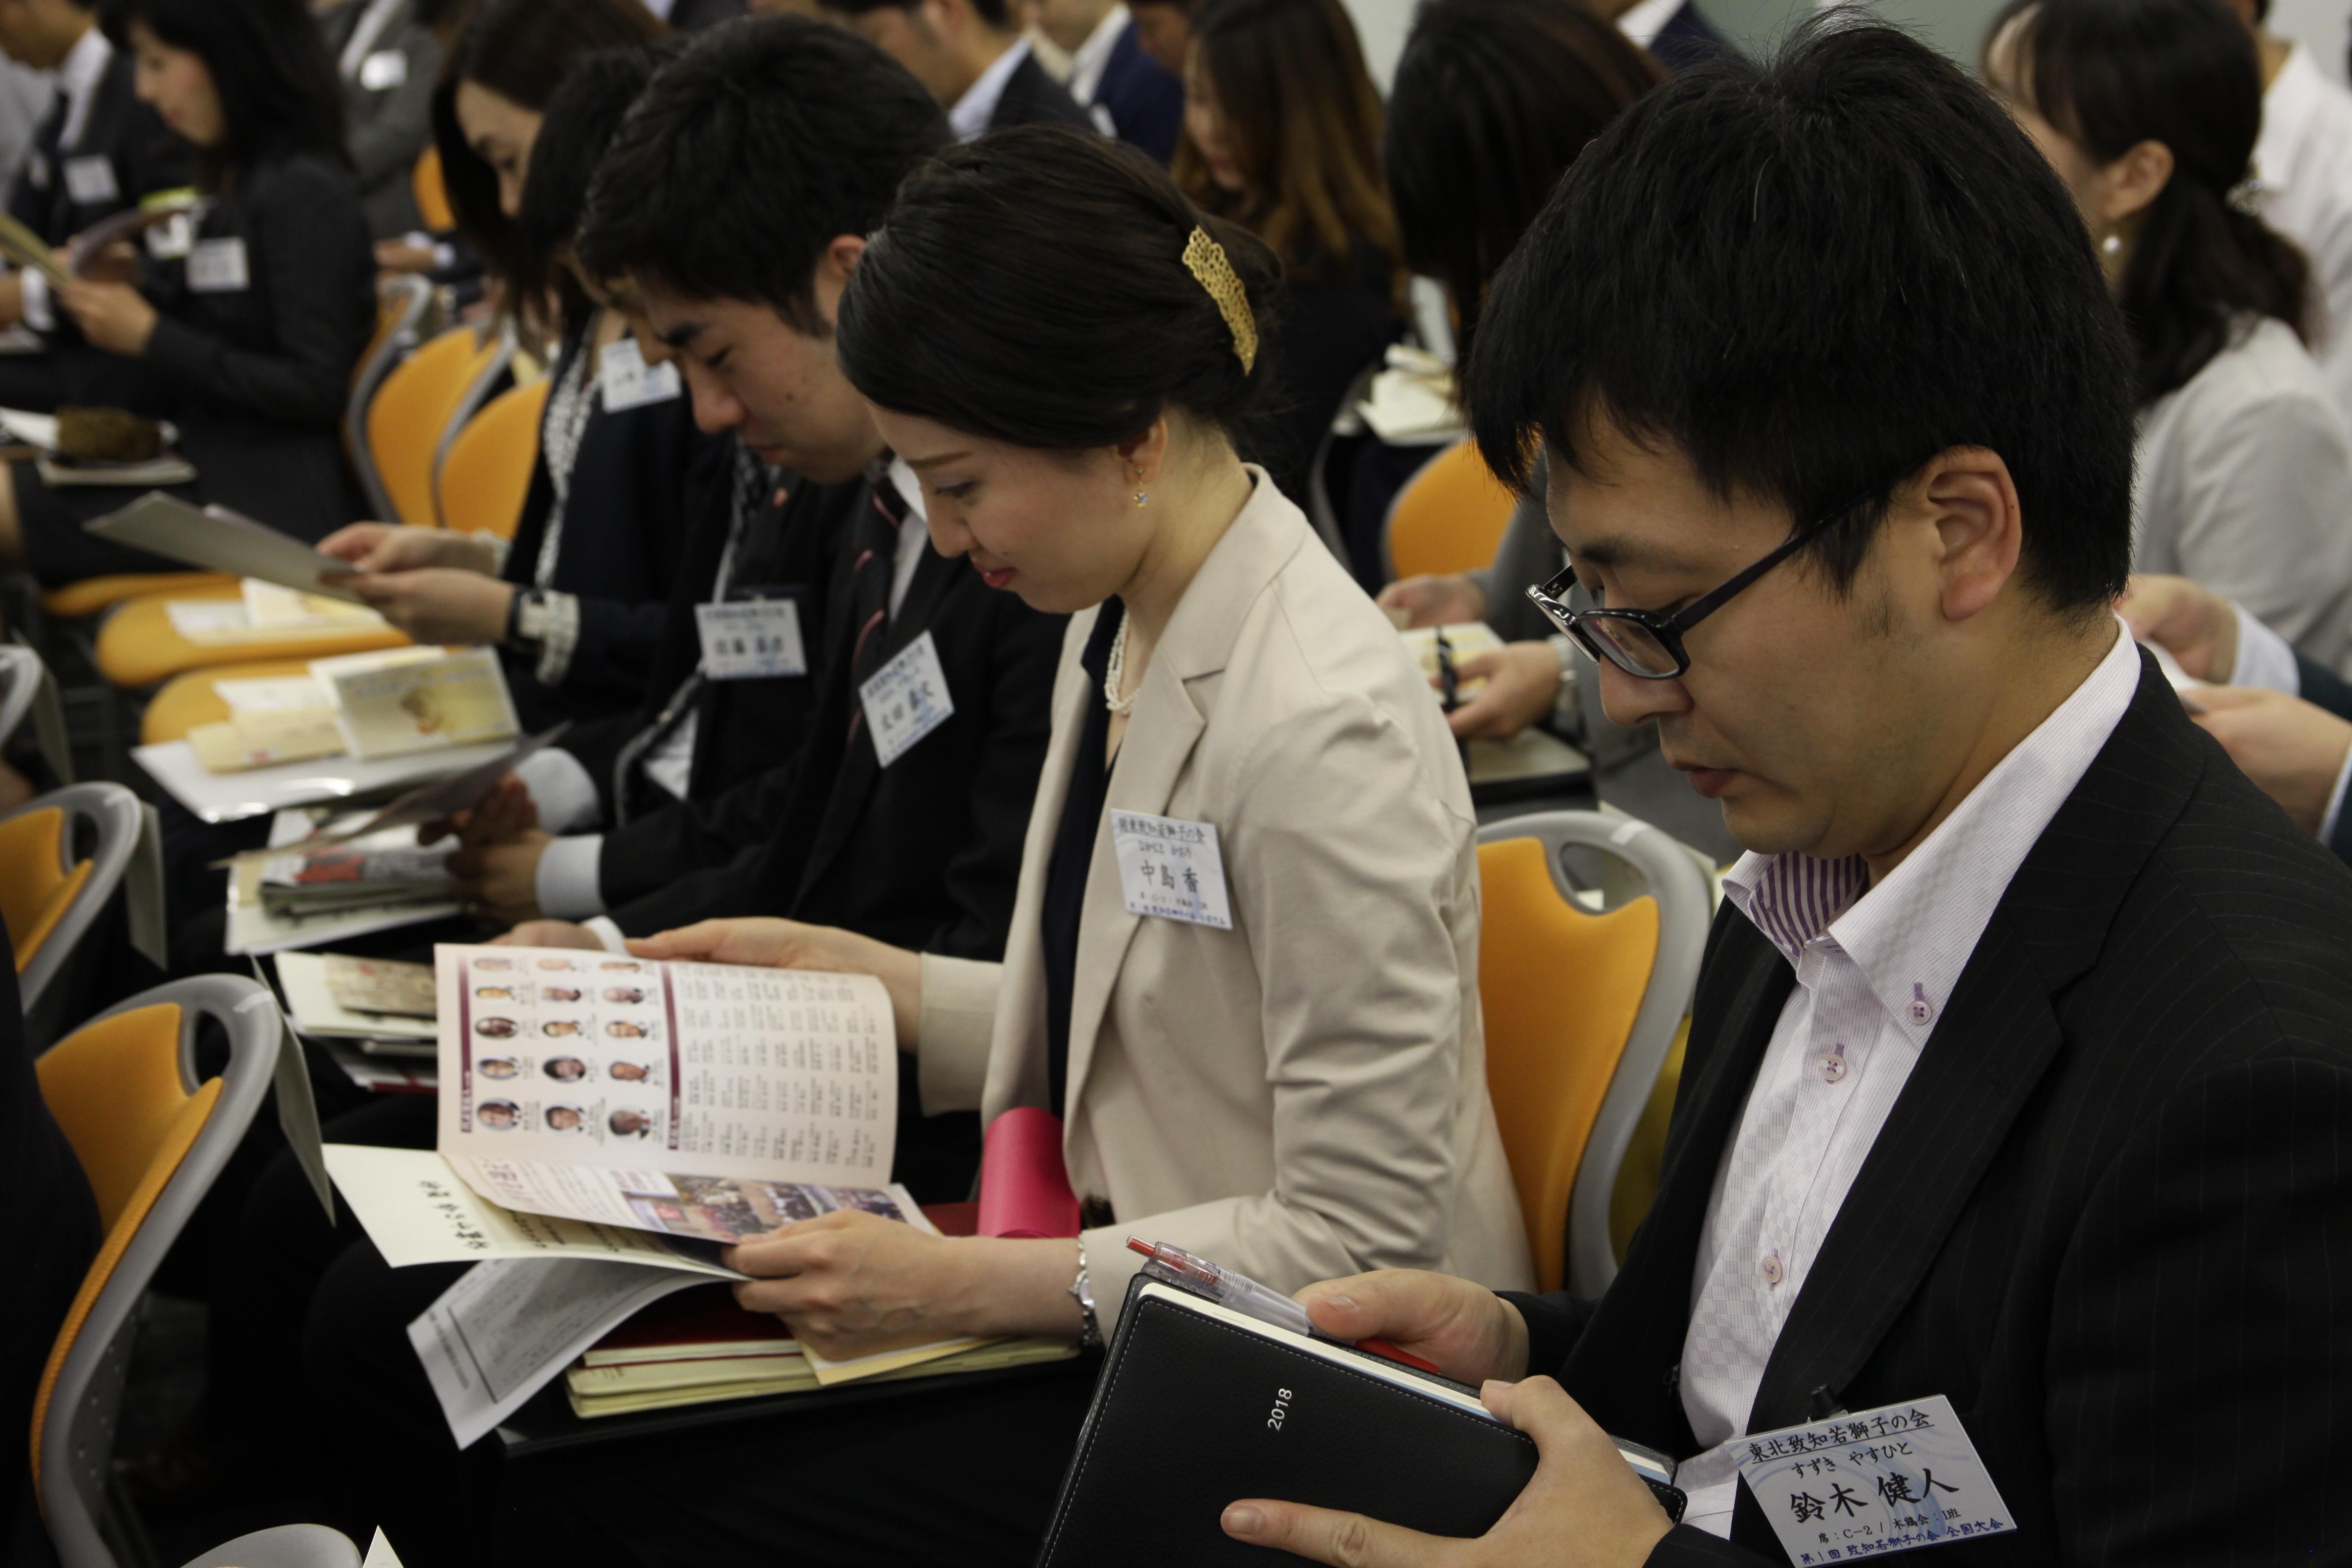 IMG 4509 - 関東若獅子の会、記念すべき第100回